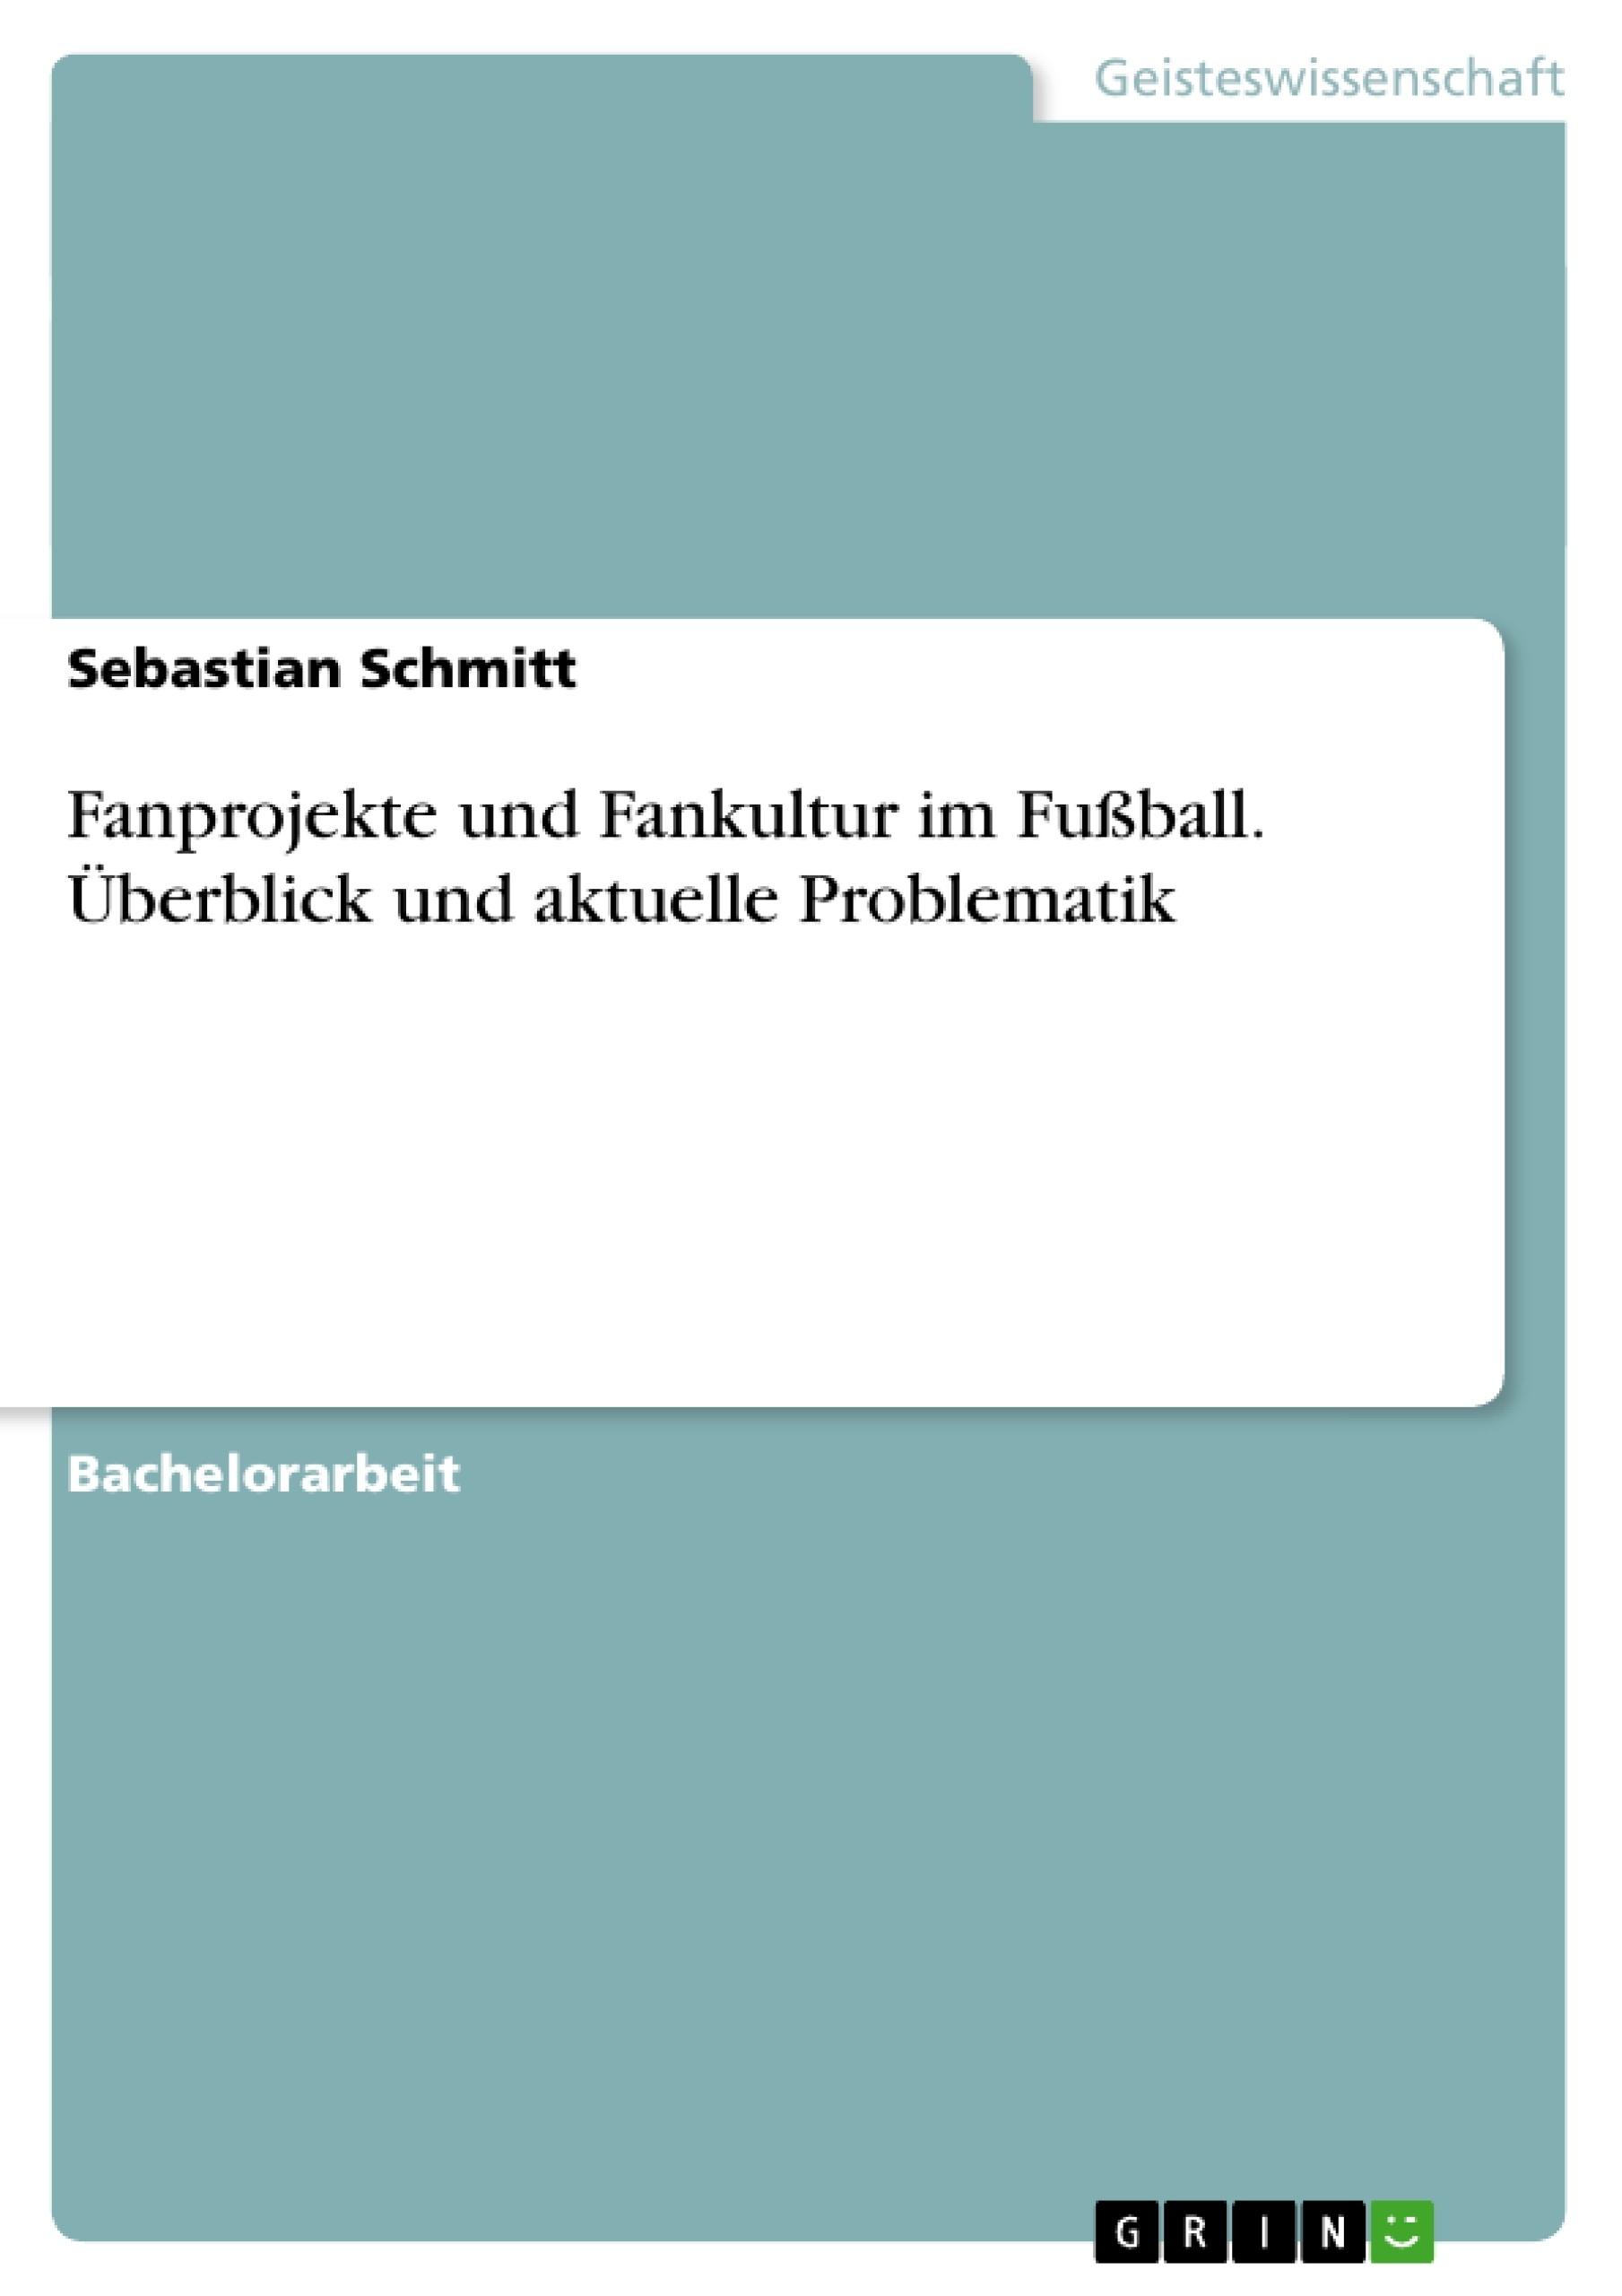 Titel: Fanprojekte und Fankultur im Fußball. Überblick und aktuelle Problematik